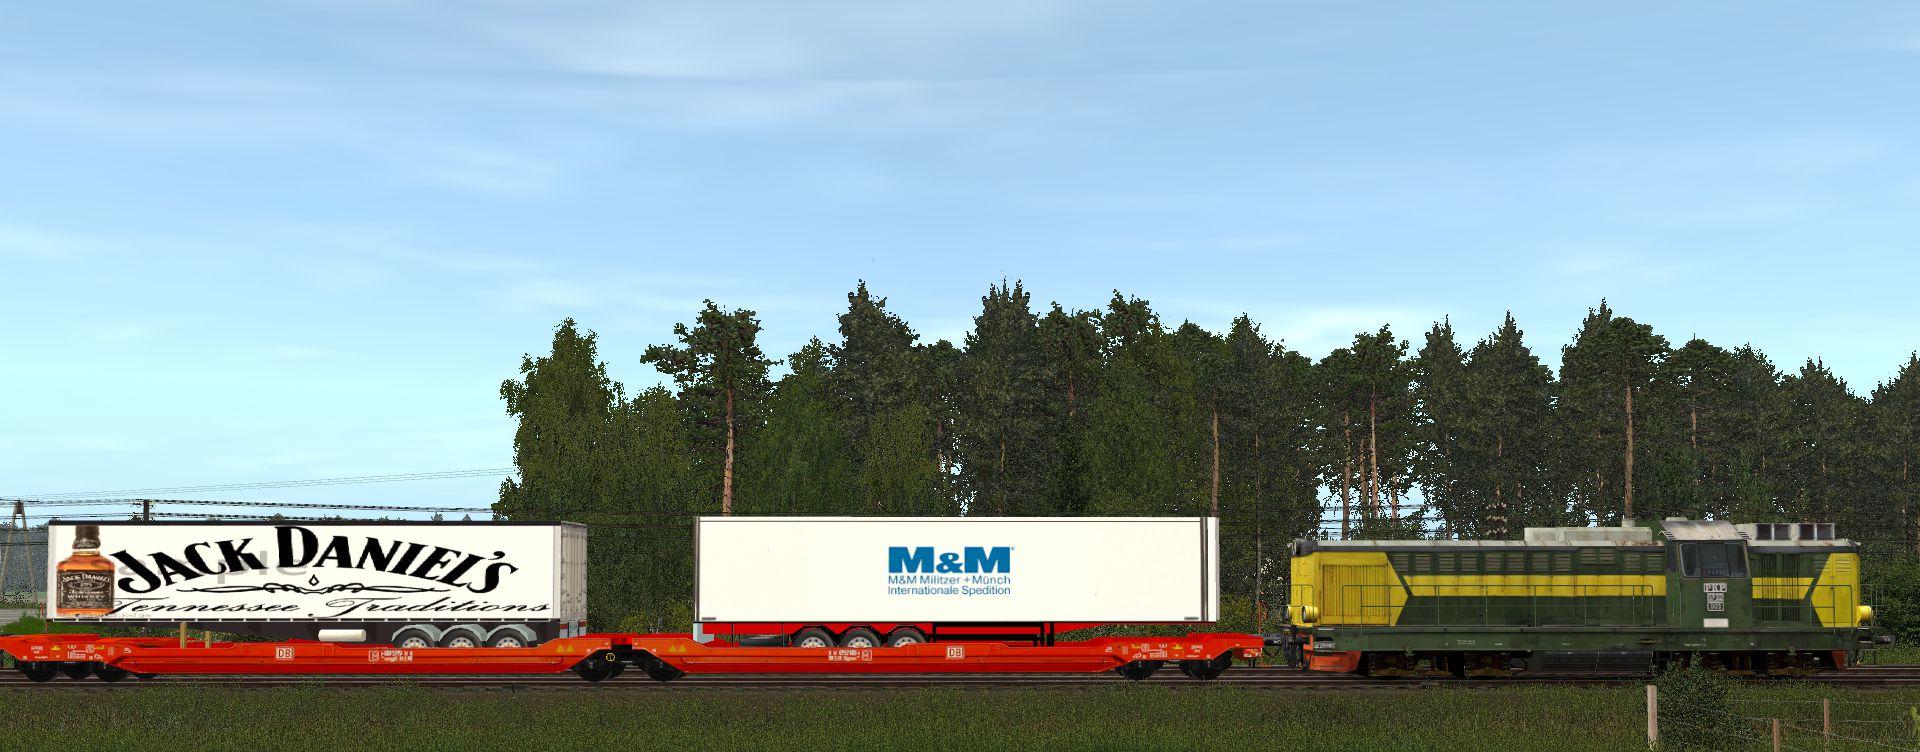 T ane screenshots seite 19 screenshots for Depot westerland